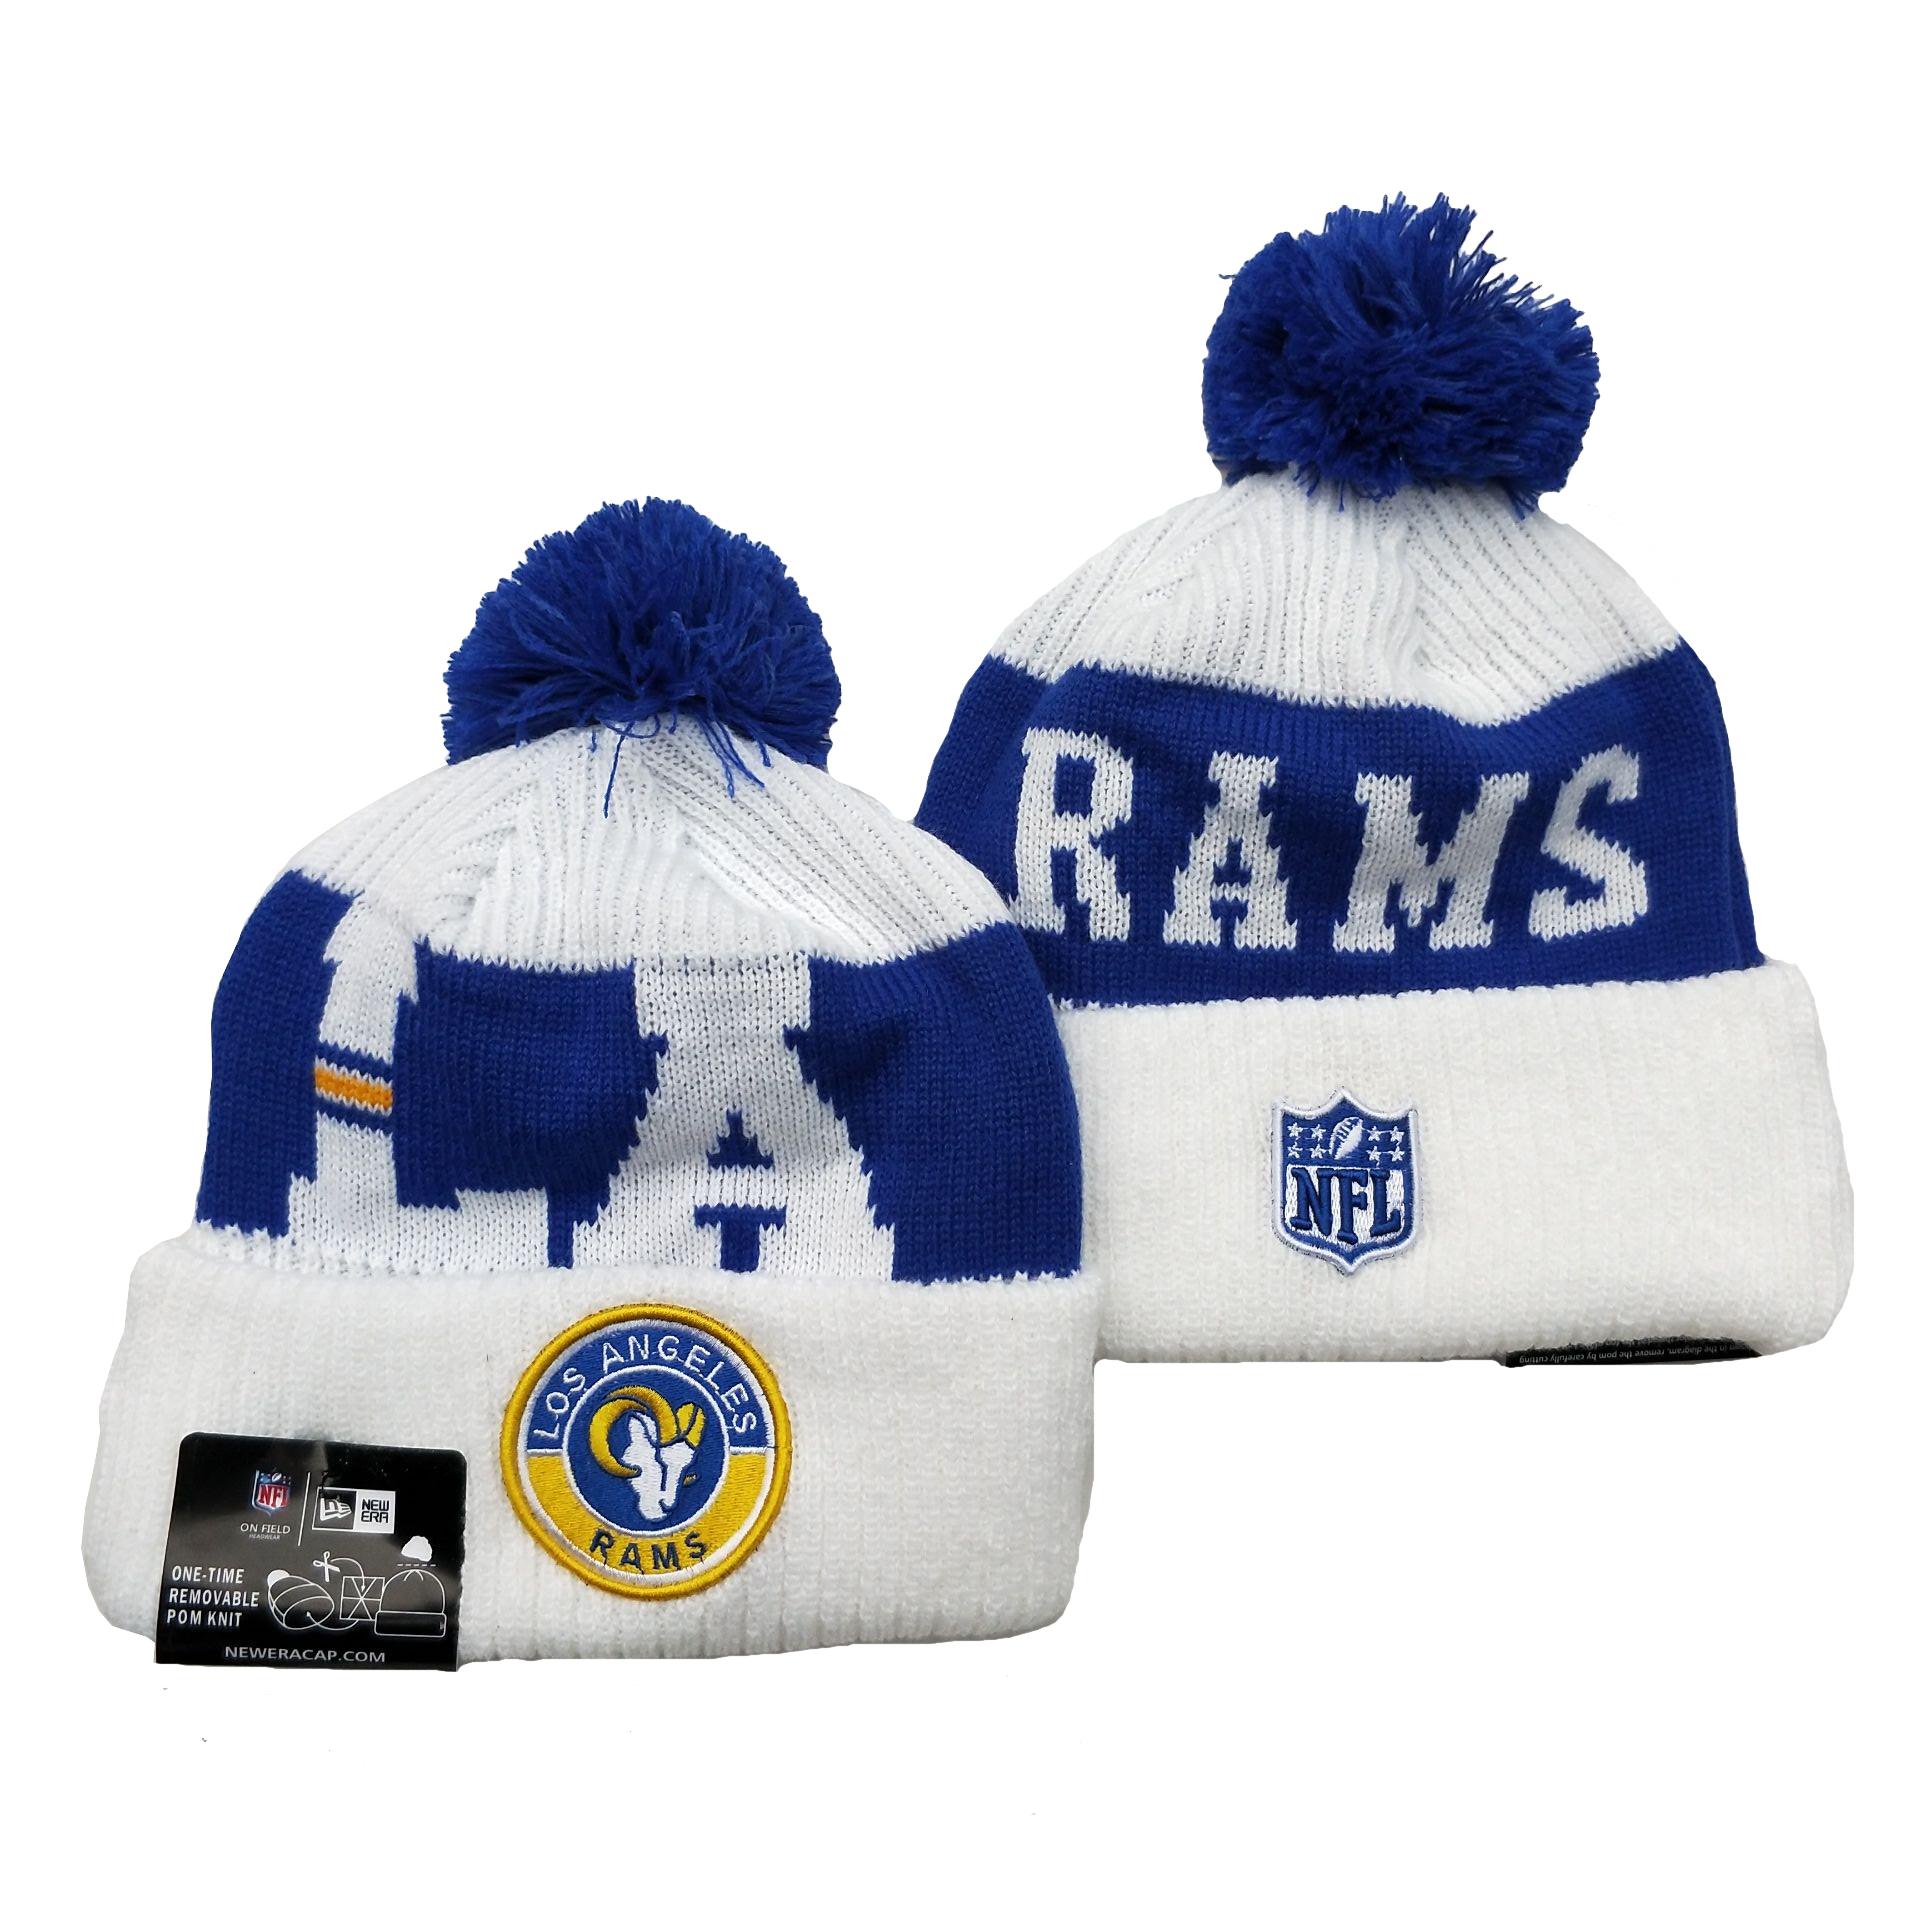 Rams Team Logo White 2020 NFL Sideline Pom Cuffed Knit Hat YD